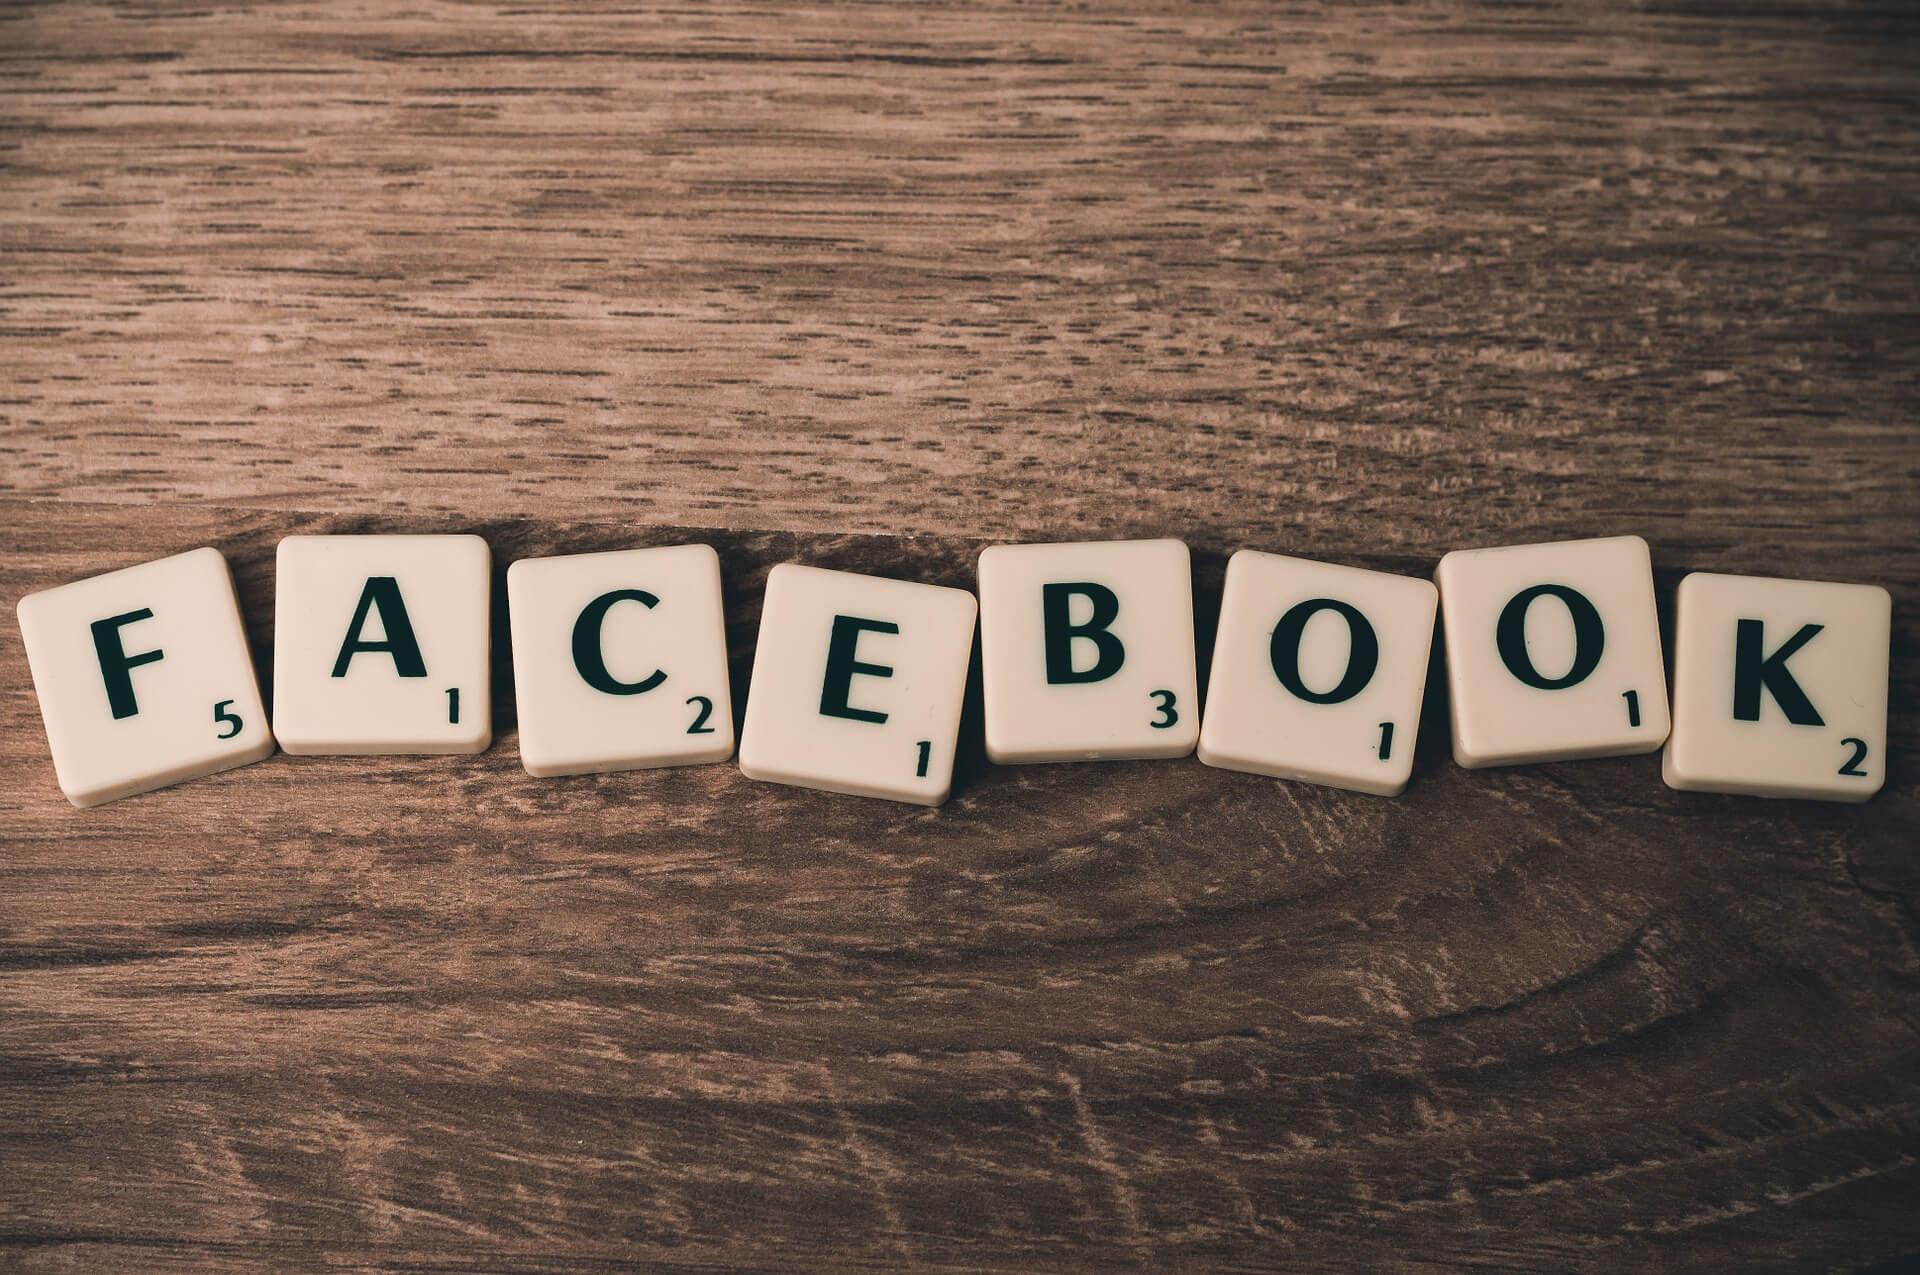 Promocja wydarzenia na Facebooku krok po kroku